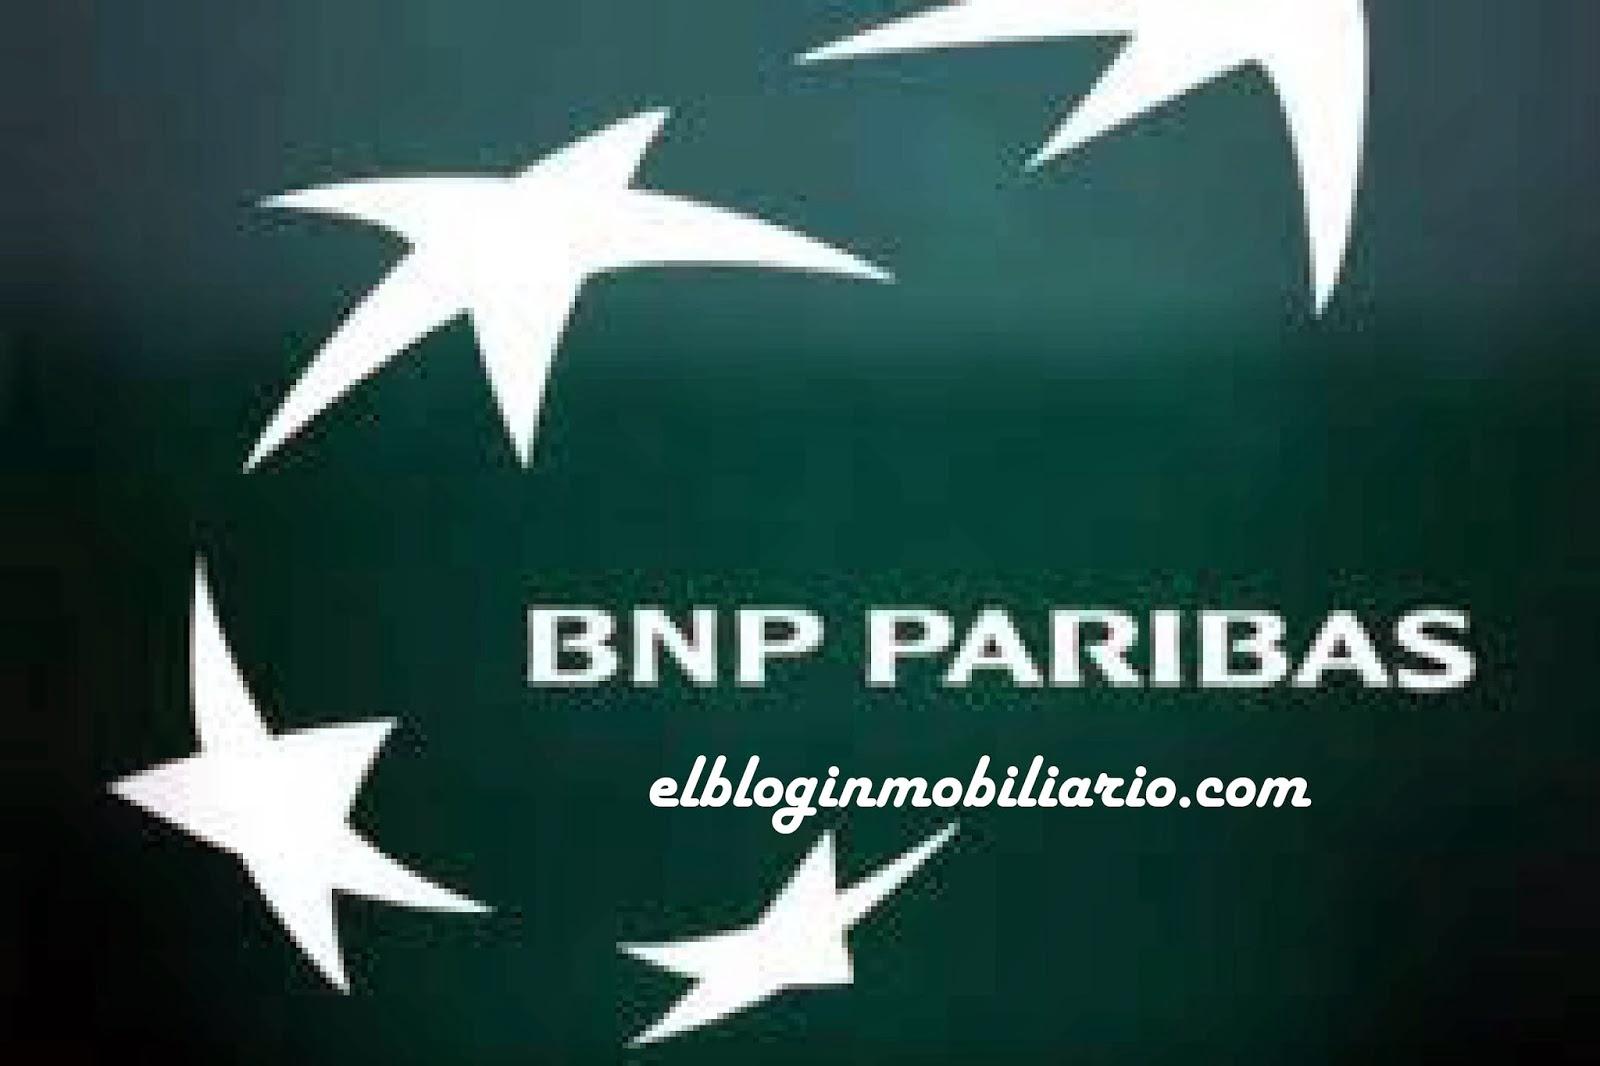 bnp paribas invertir sector inmobiliario elbloginmobiliario.com